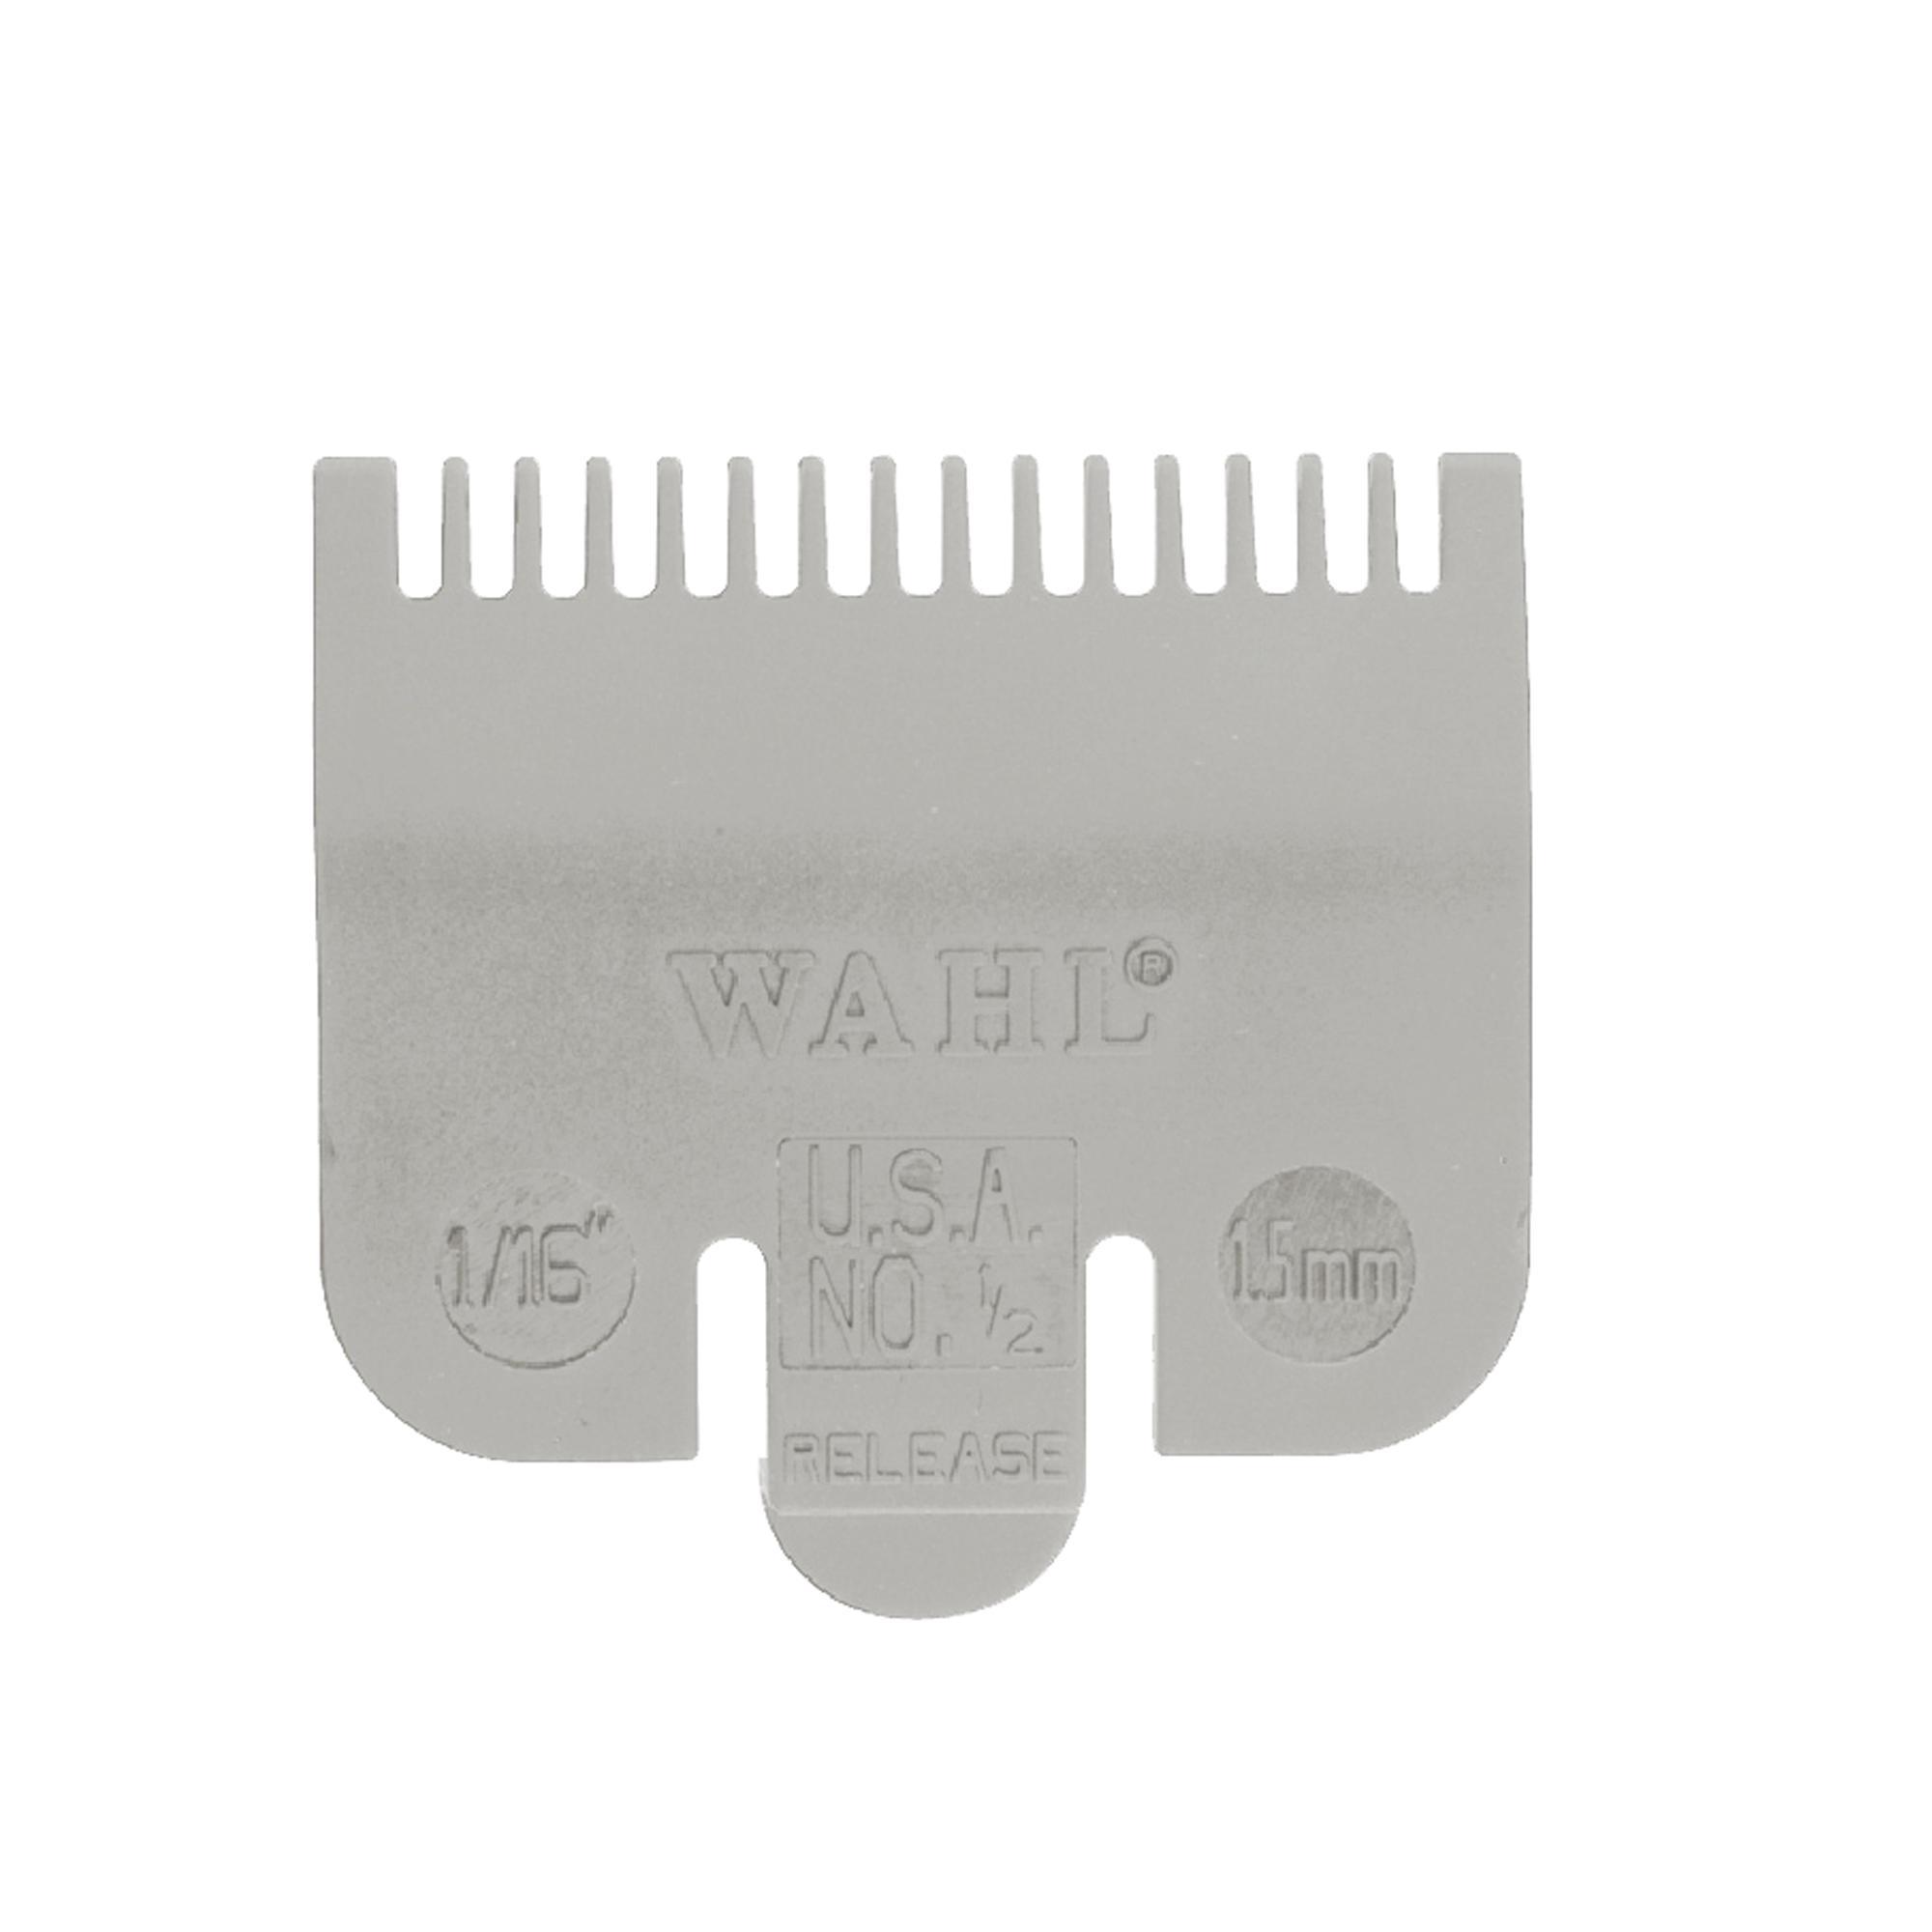 Adesivos De Parede Kombi ~ Pente Altura N u00ba1 2 1,5MM p Máquina de Corte WAHL (65512) Hayamax Distribuidora